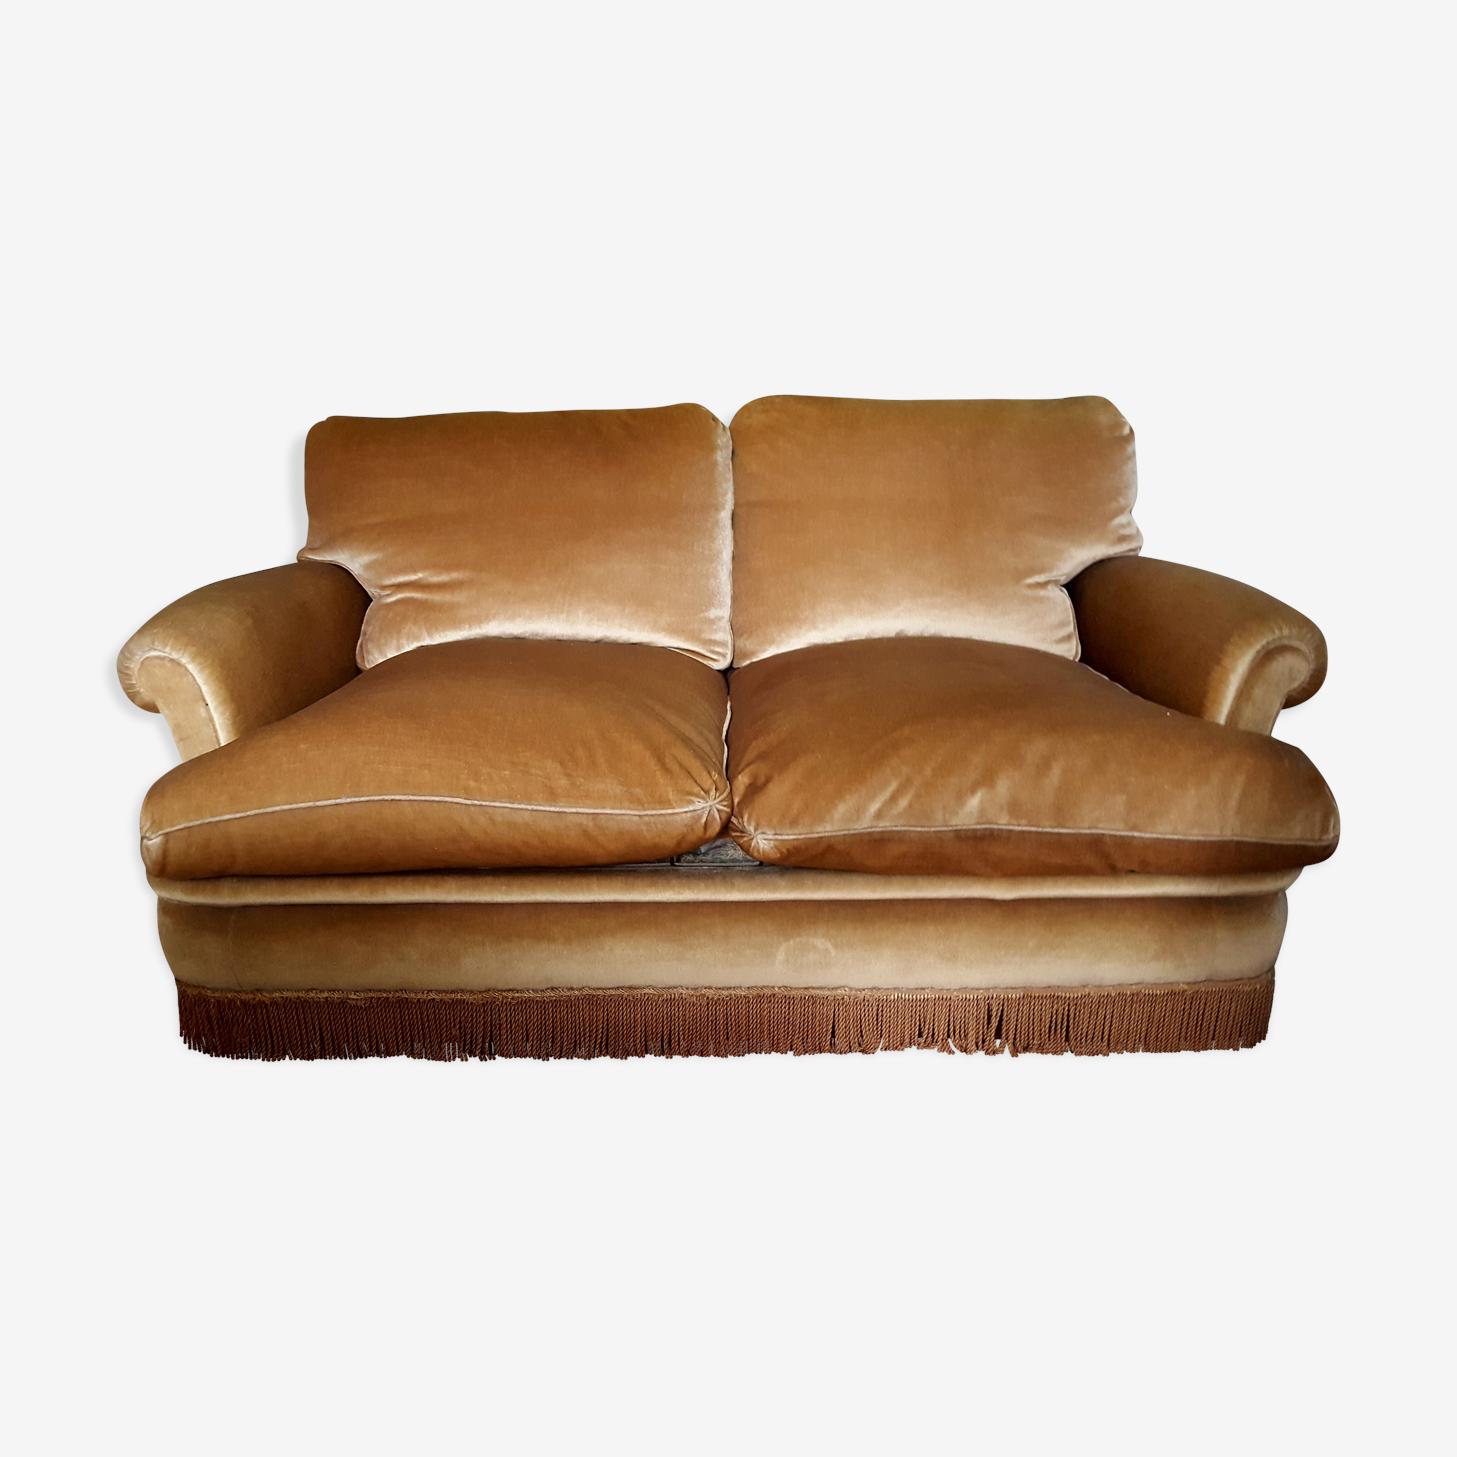 Canapé en mohair vintage